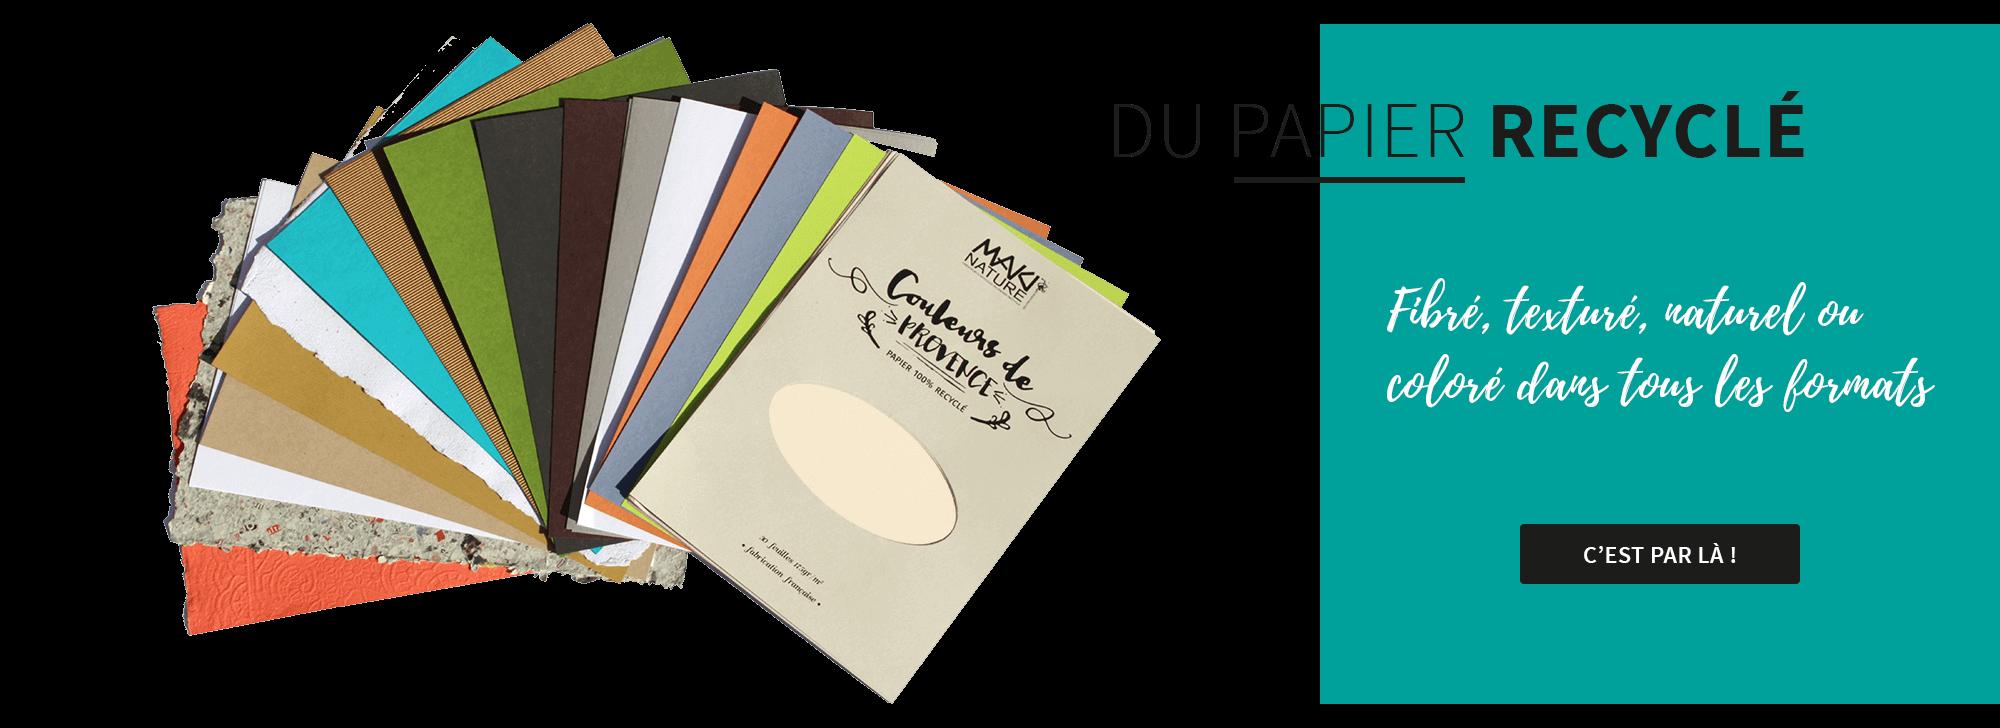 Papier recyclé : fibré, texturé, naturel ou coloré